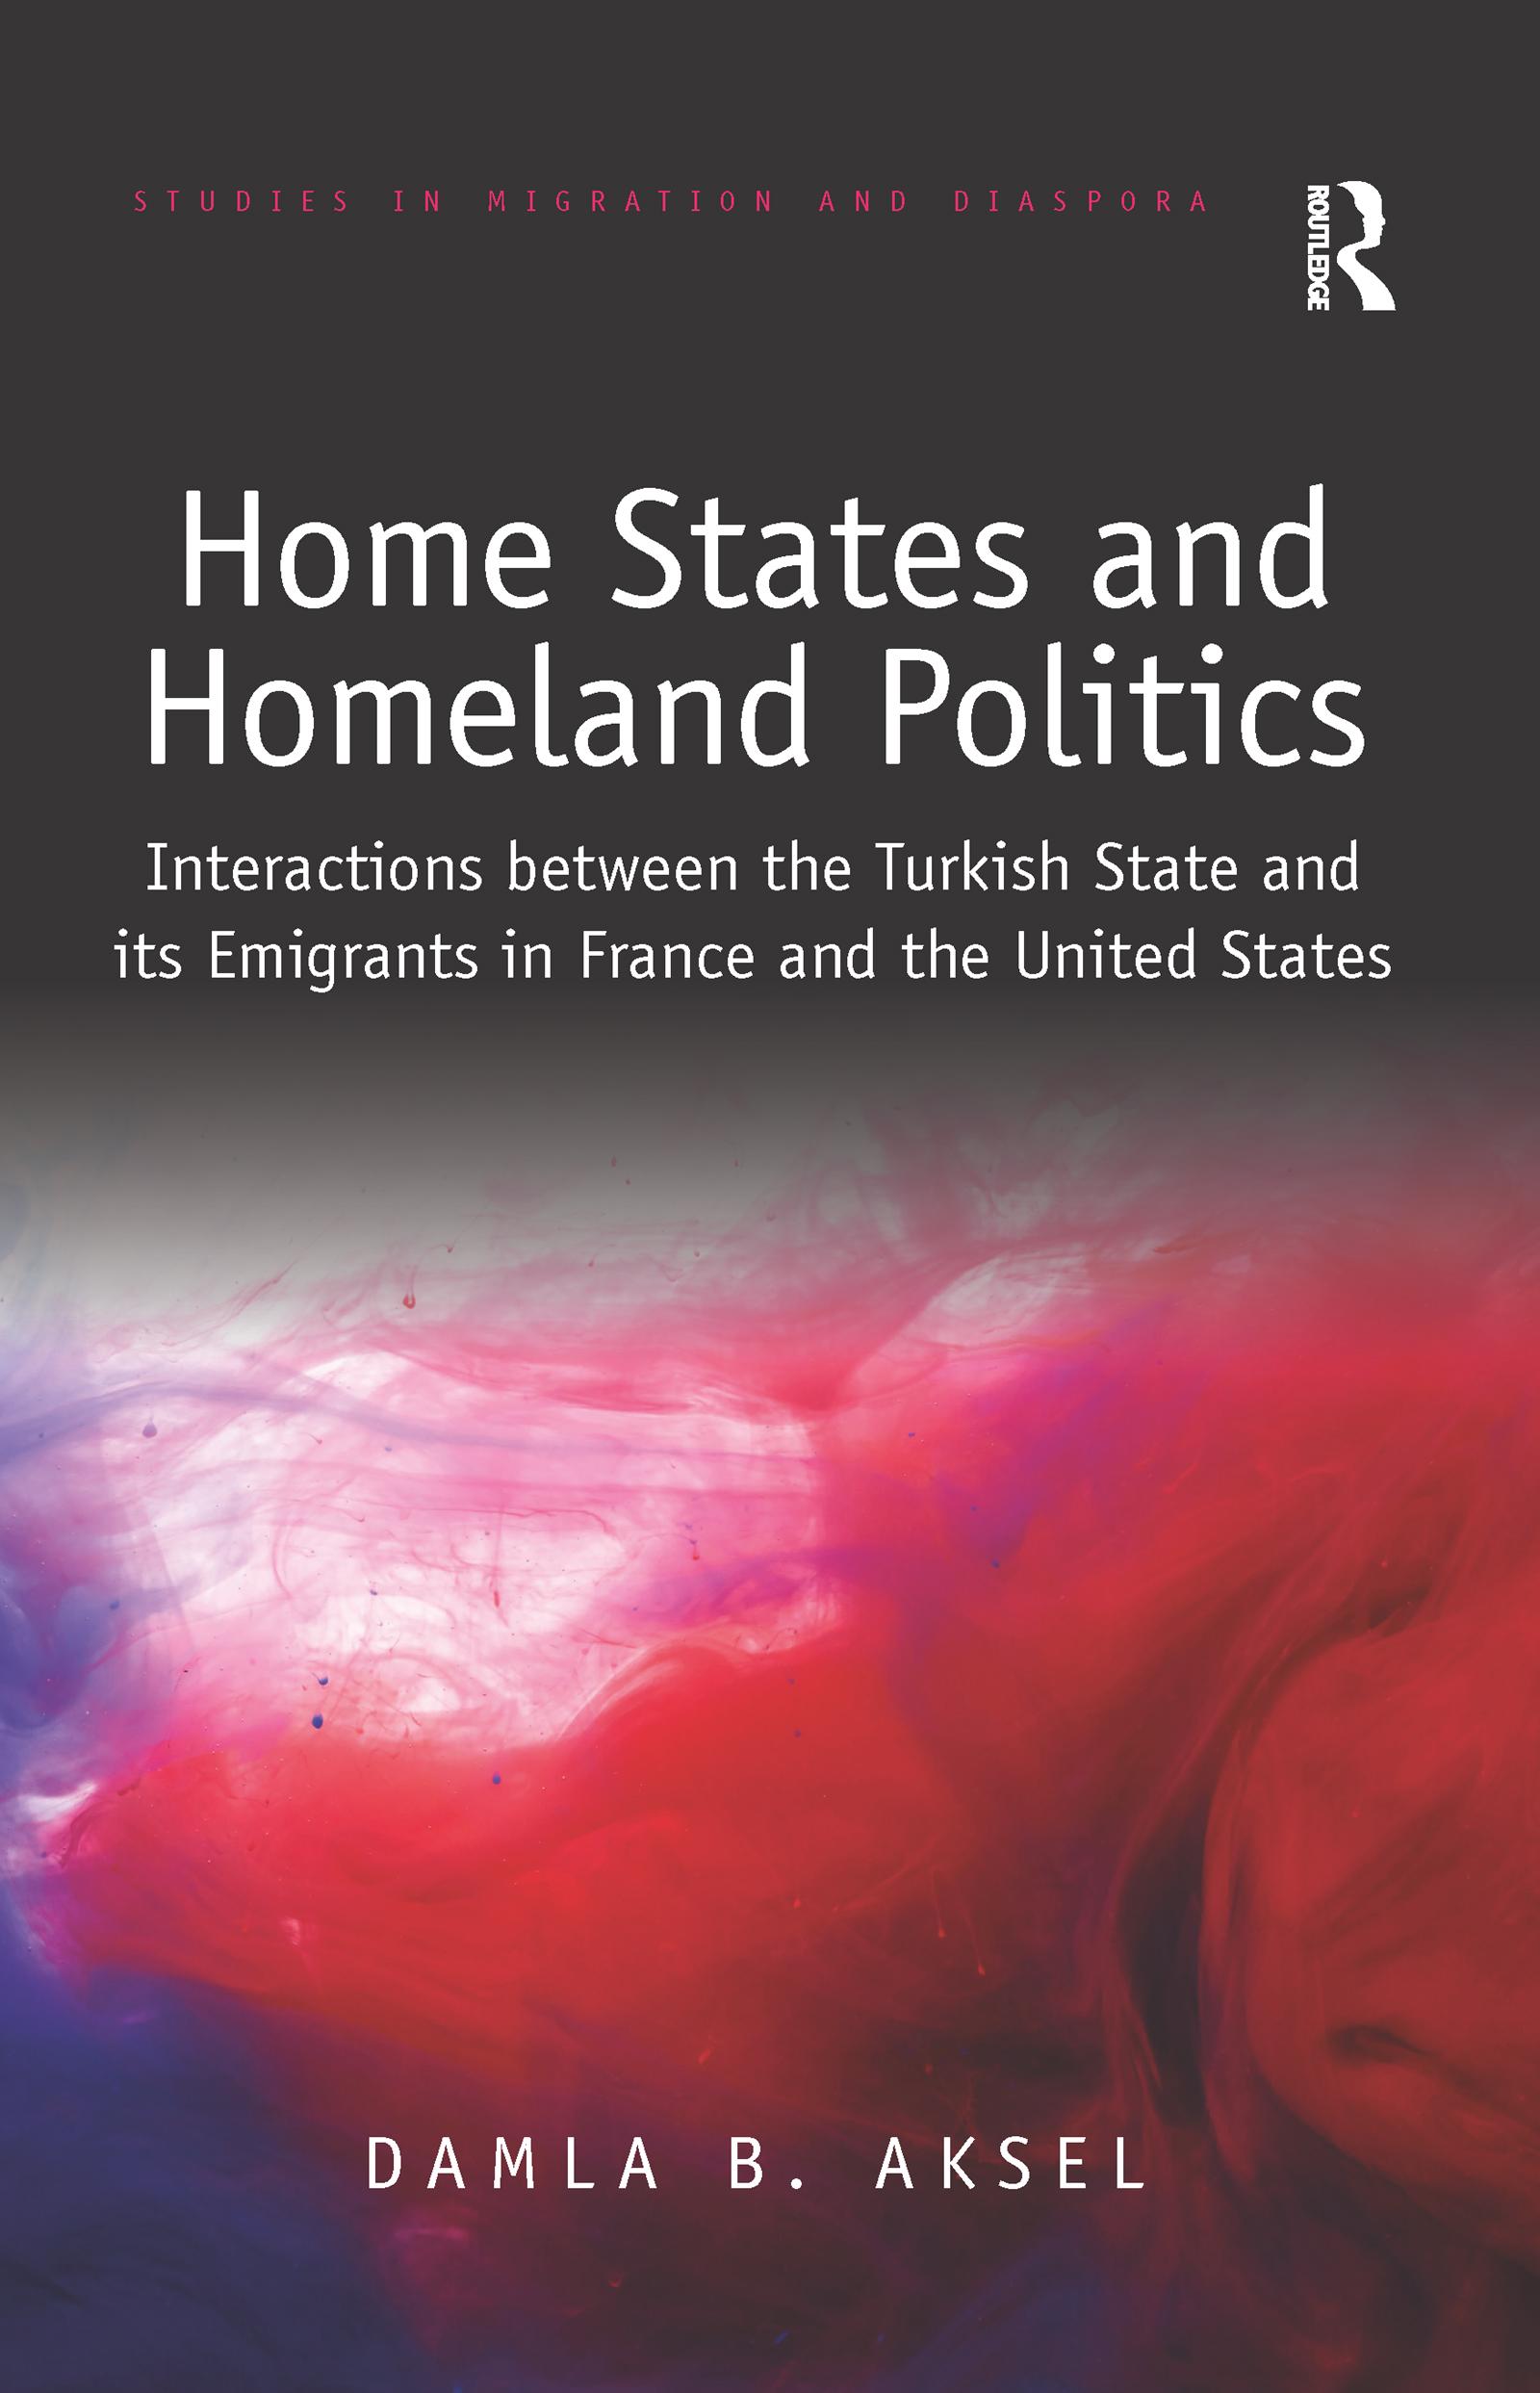 Home States and Homeland Politics